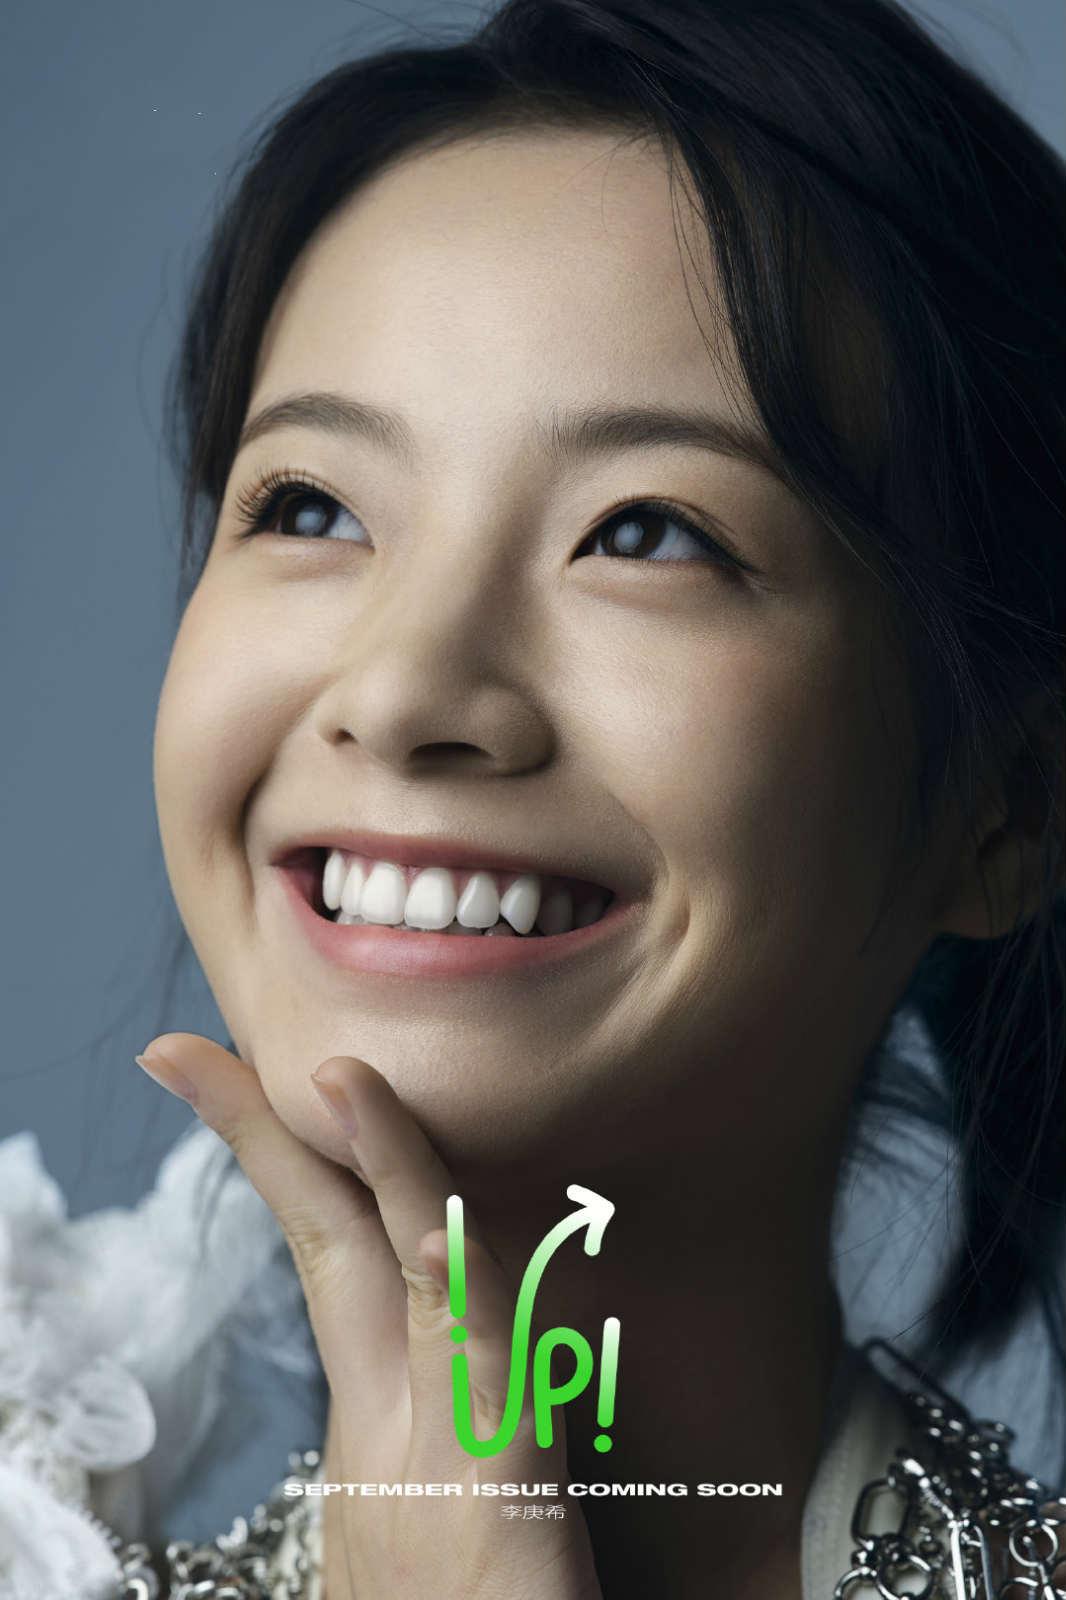 GQ11周年特辑,欧阳娜娜少女,李庚希灵动,看到普普:有力量